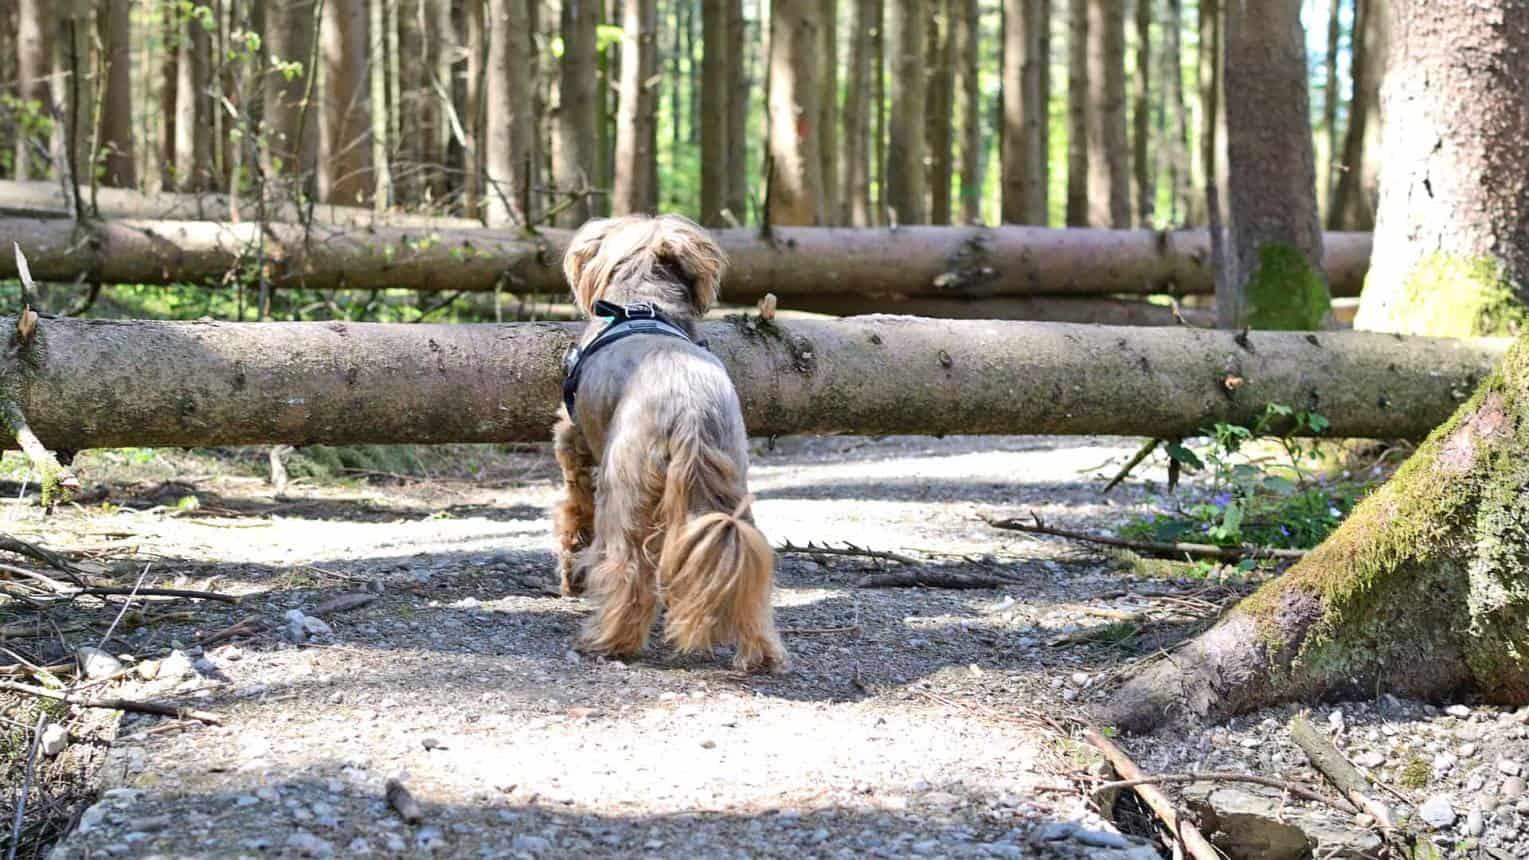 Dogs Hiking – A kutyások is járnak túrázni